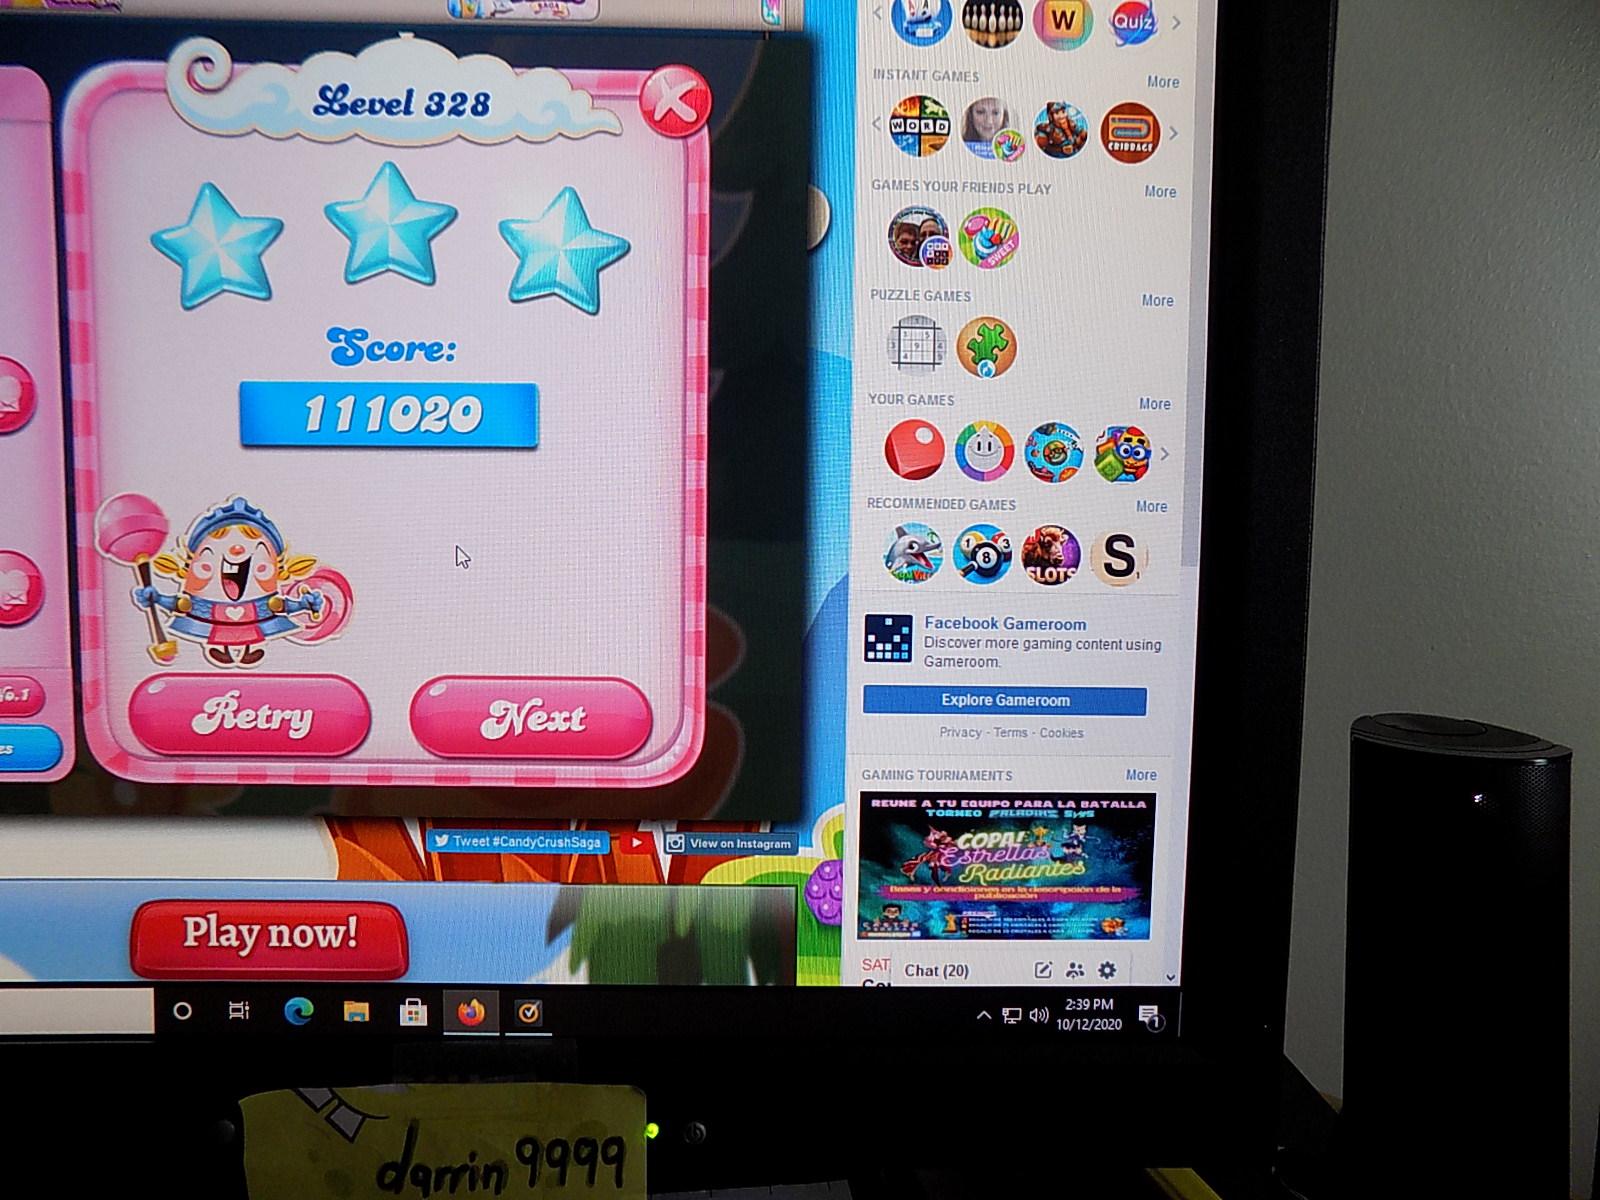 darrin9999: Candy Crush Saga: Level 328 (Web) 111,020 points on 2021-04-29 14:29:49